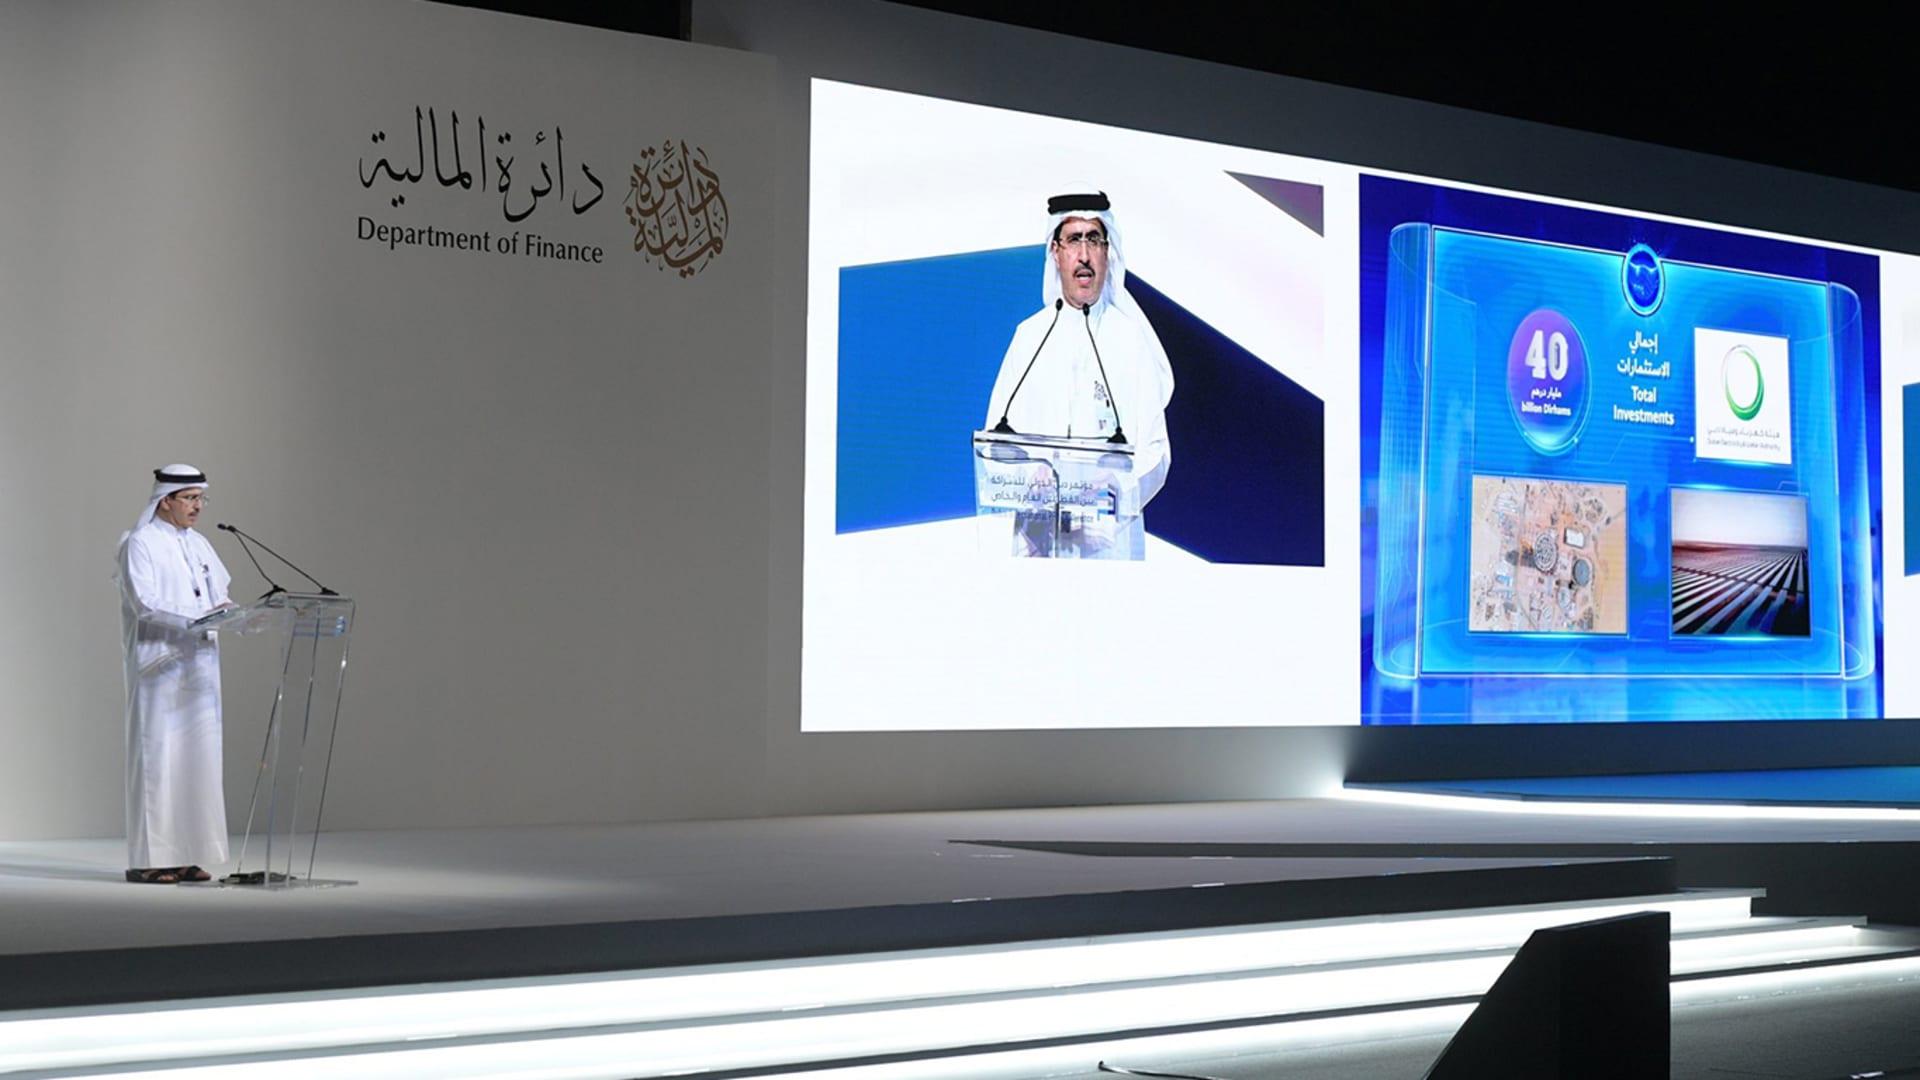 دبي تعلن عن مشاريع بـ 6.8 مليار دولار بين القطاعين العام والخاص